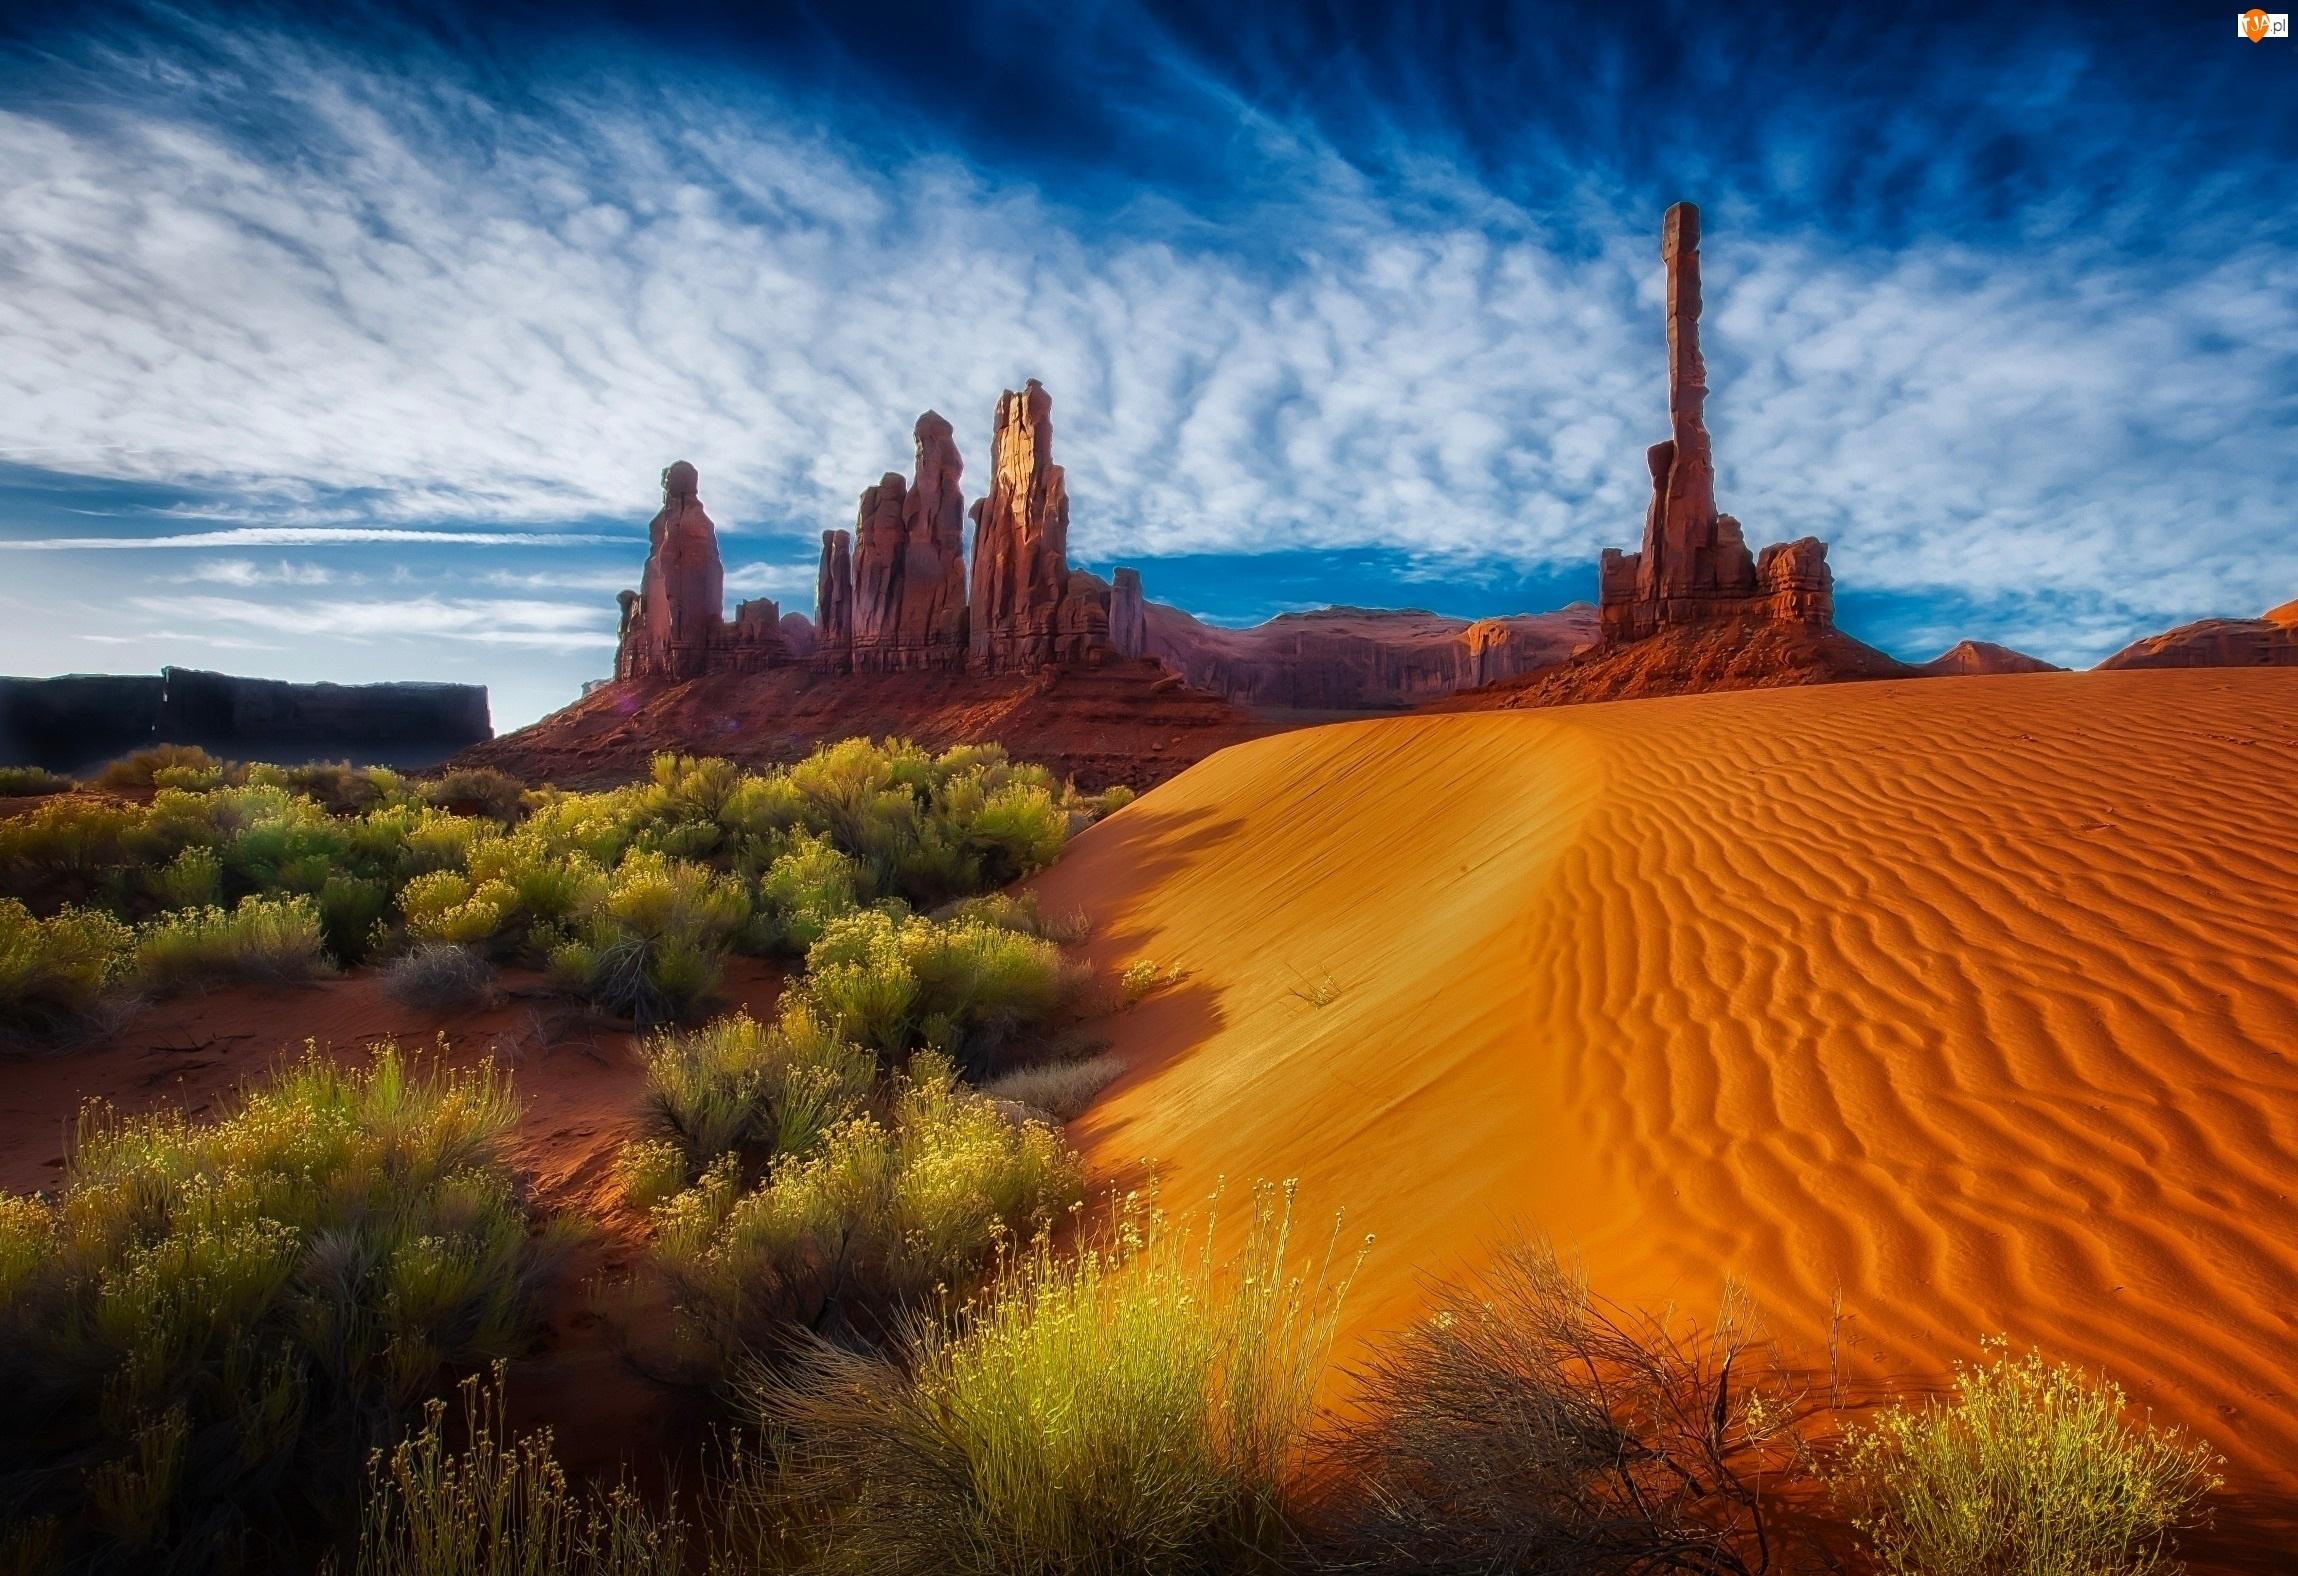 Krzewy, Arizona, Pustynia, USA, Skały, Niebo